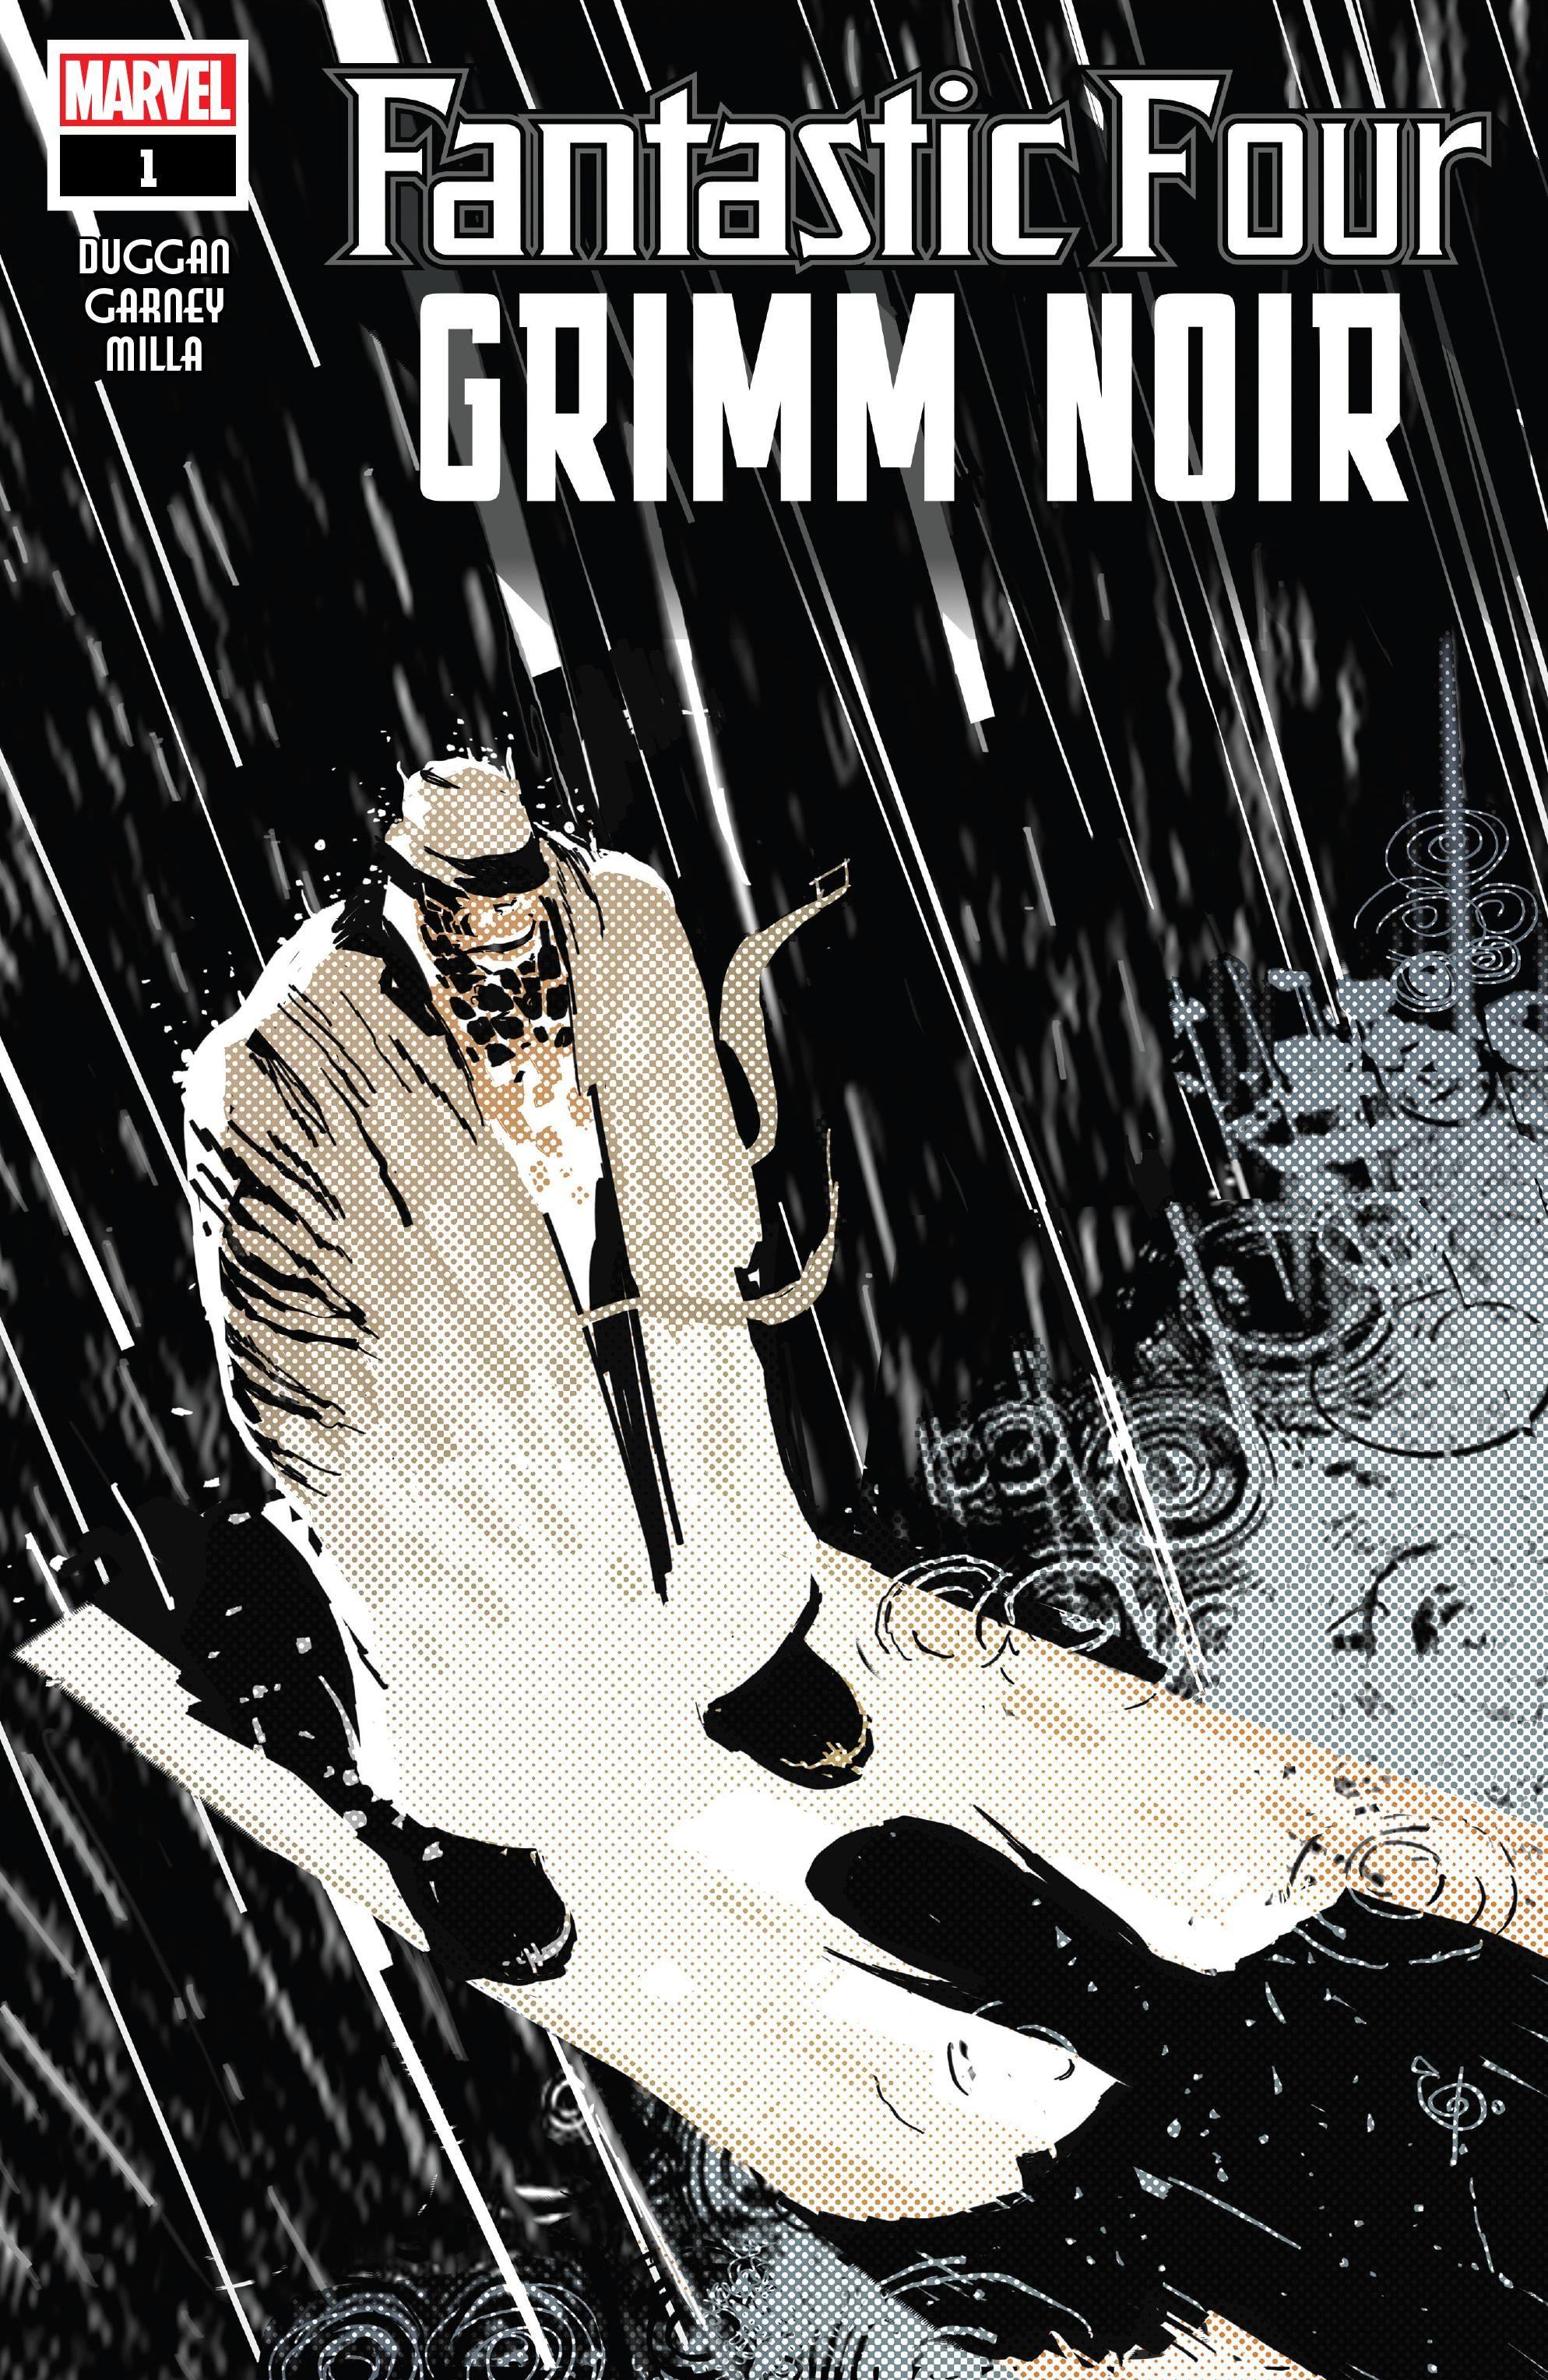 Fantastic Four: Grimm Noir Vol 1 1